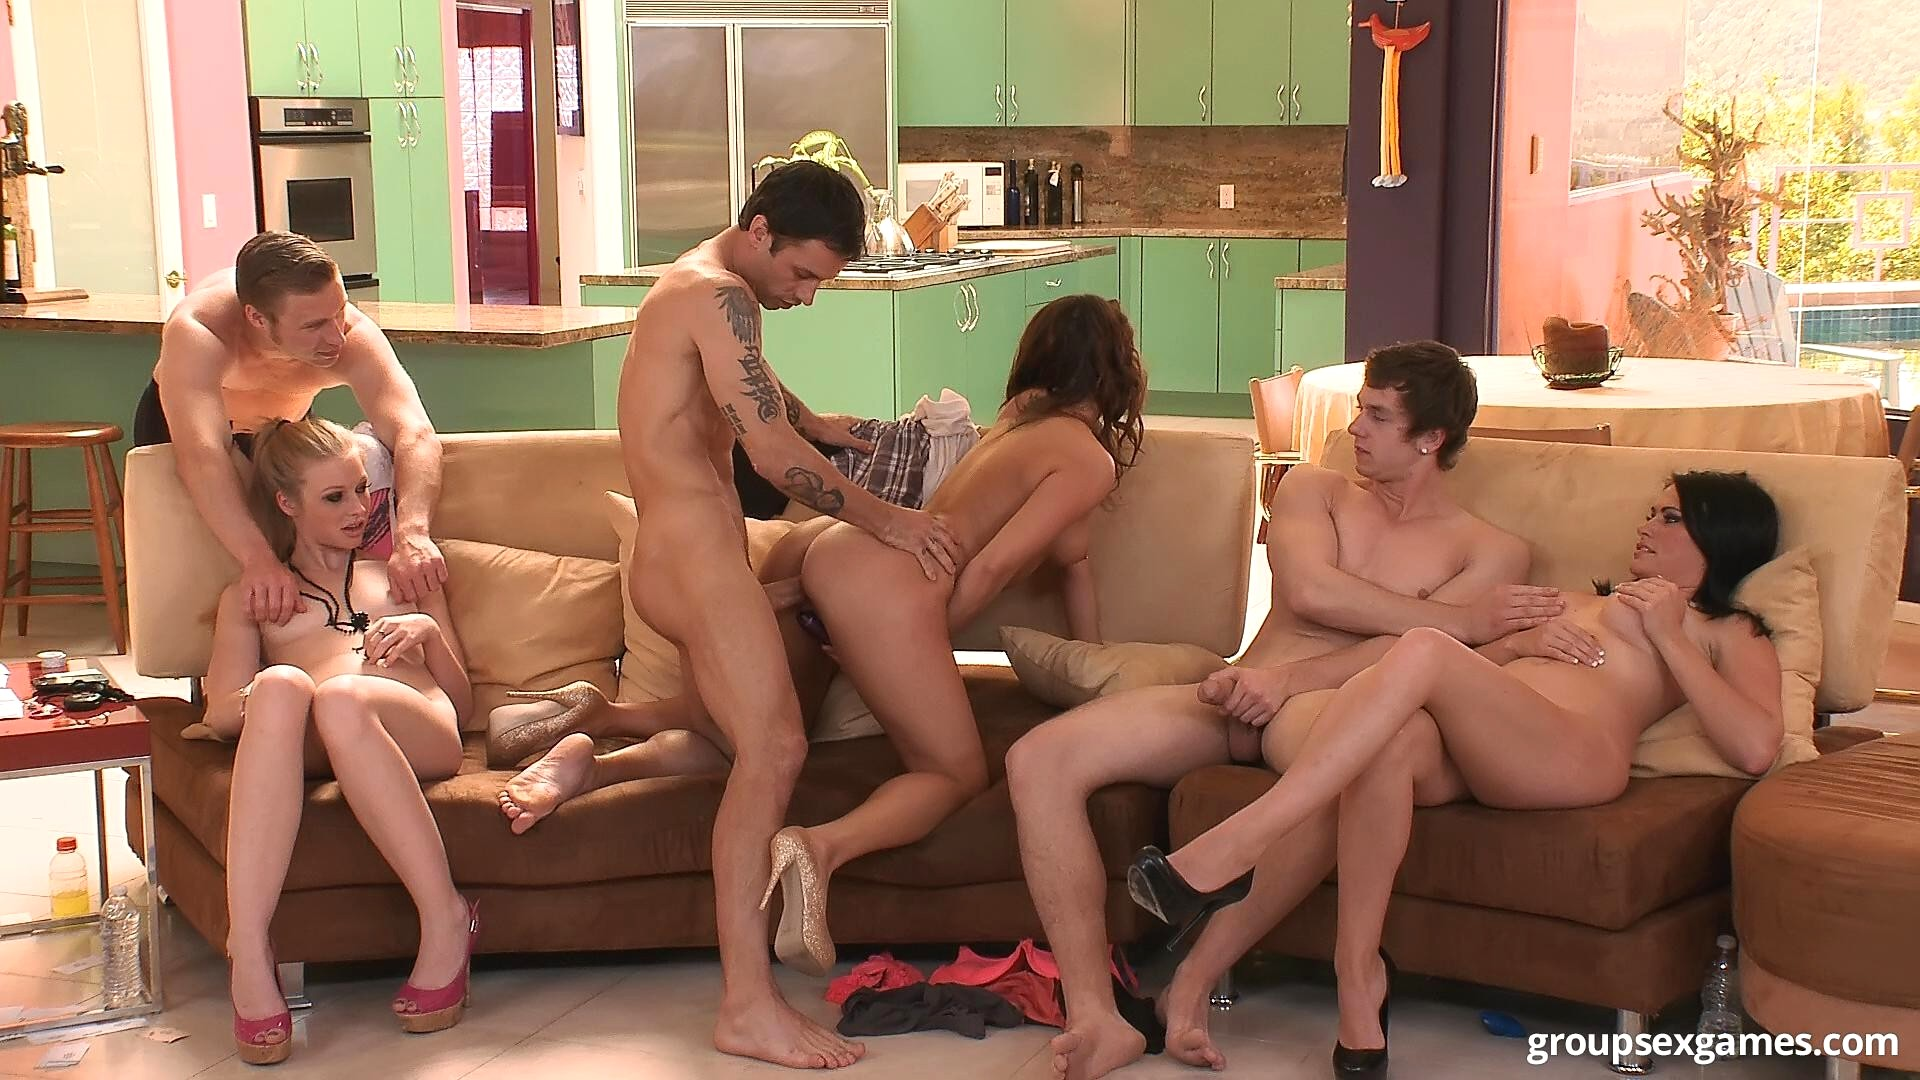 сексуальные игры в кругу друзей - 4